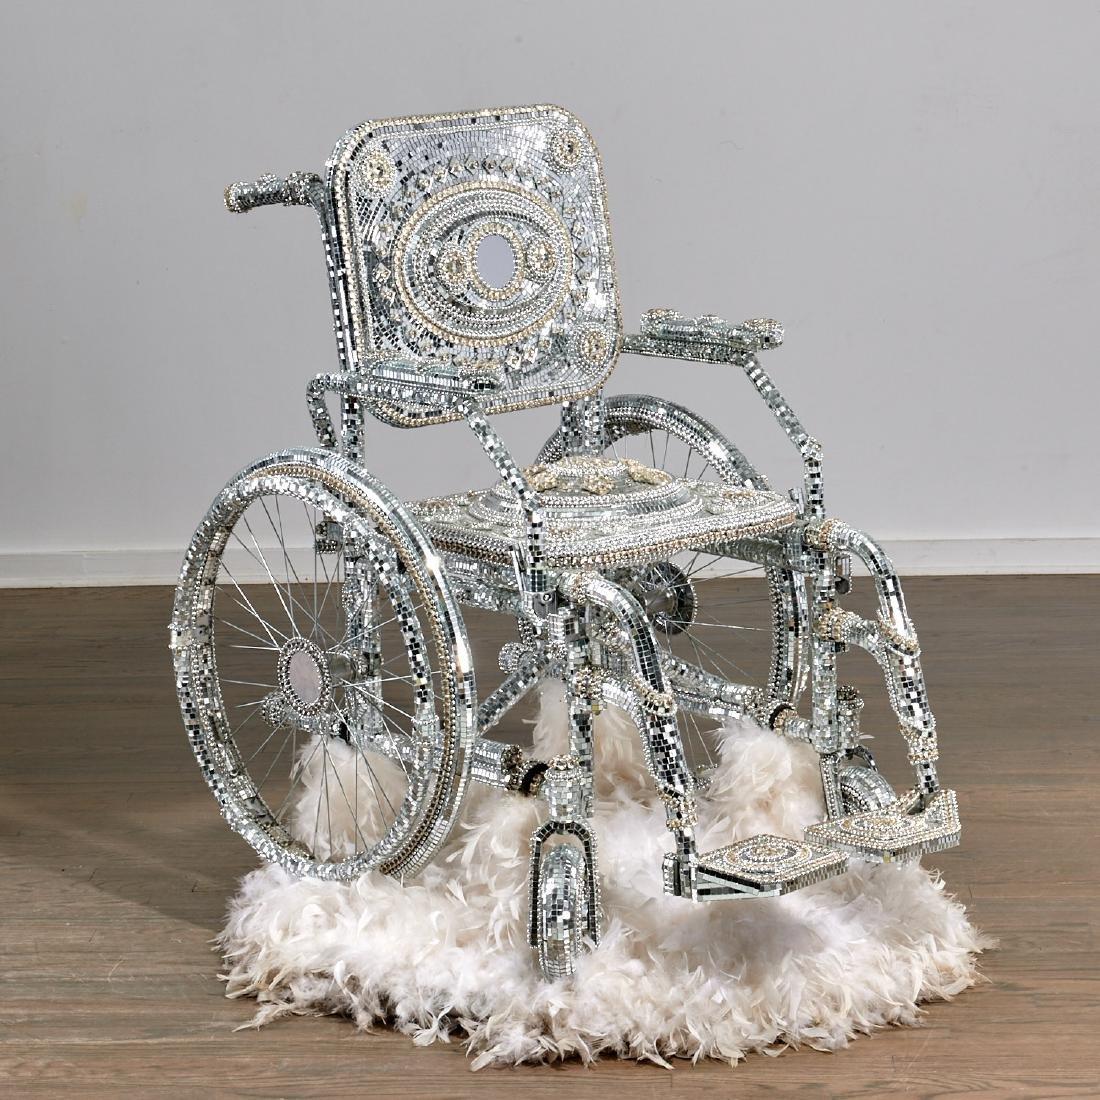 Kristian Kozul, sculpture